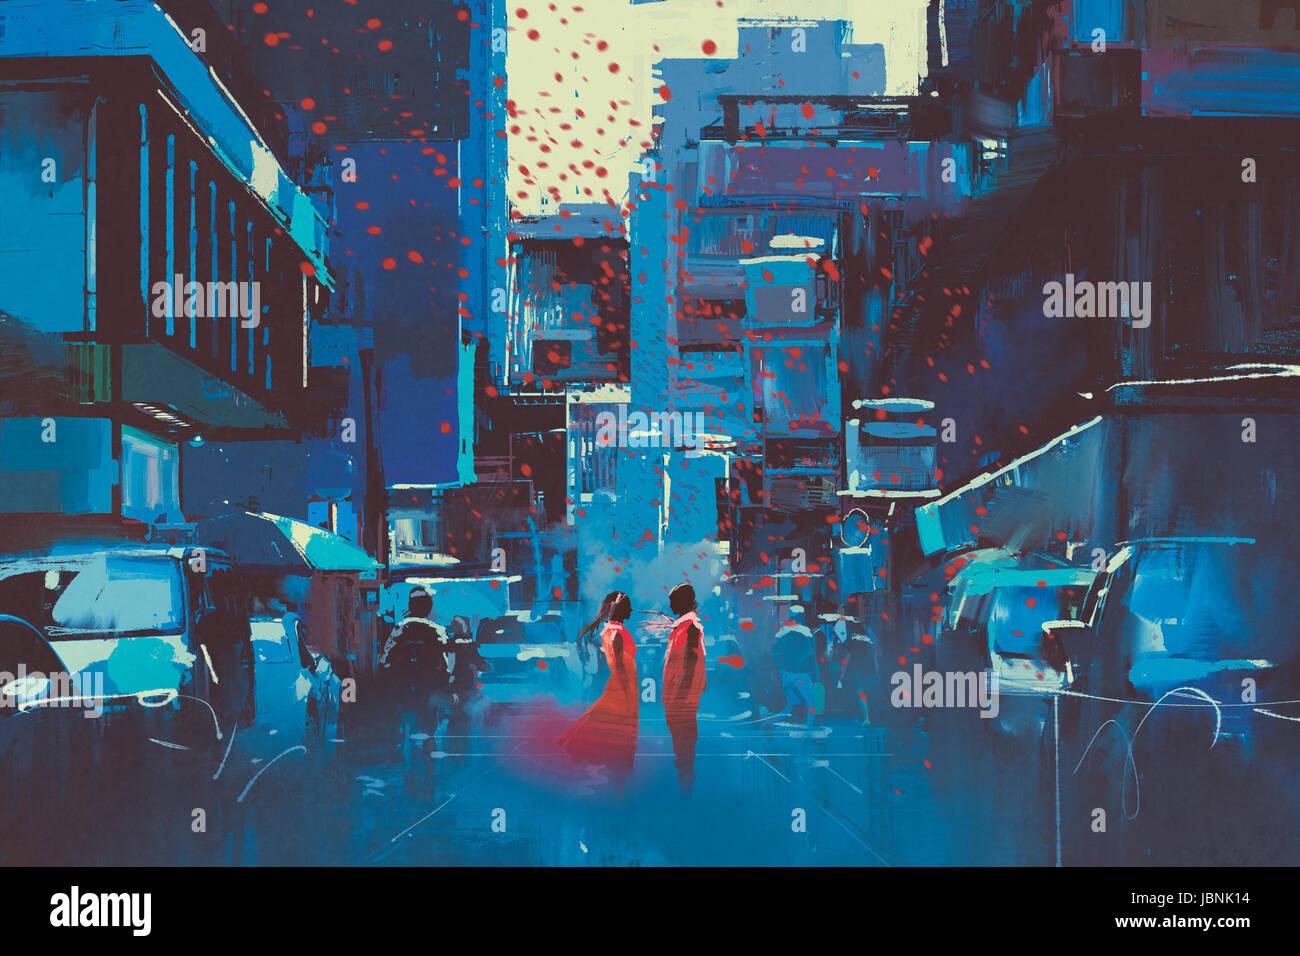 L uomo e la donna in rosso in piedi in città blu con arte digitale stile, illustrazione pittura Immagini Stock